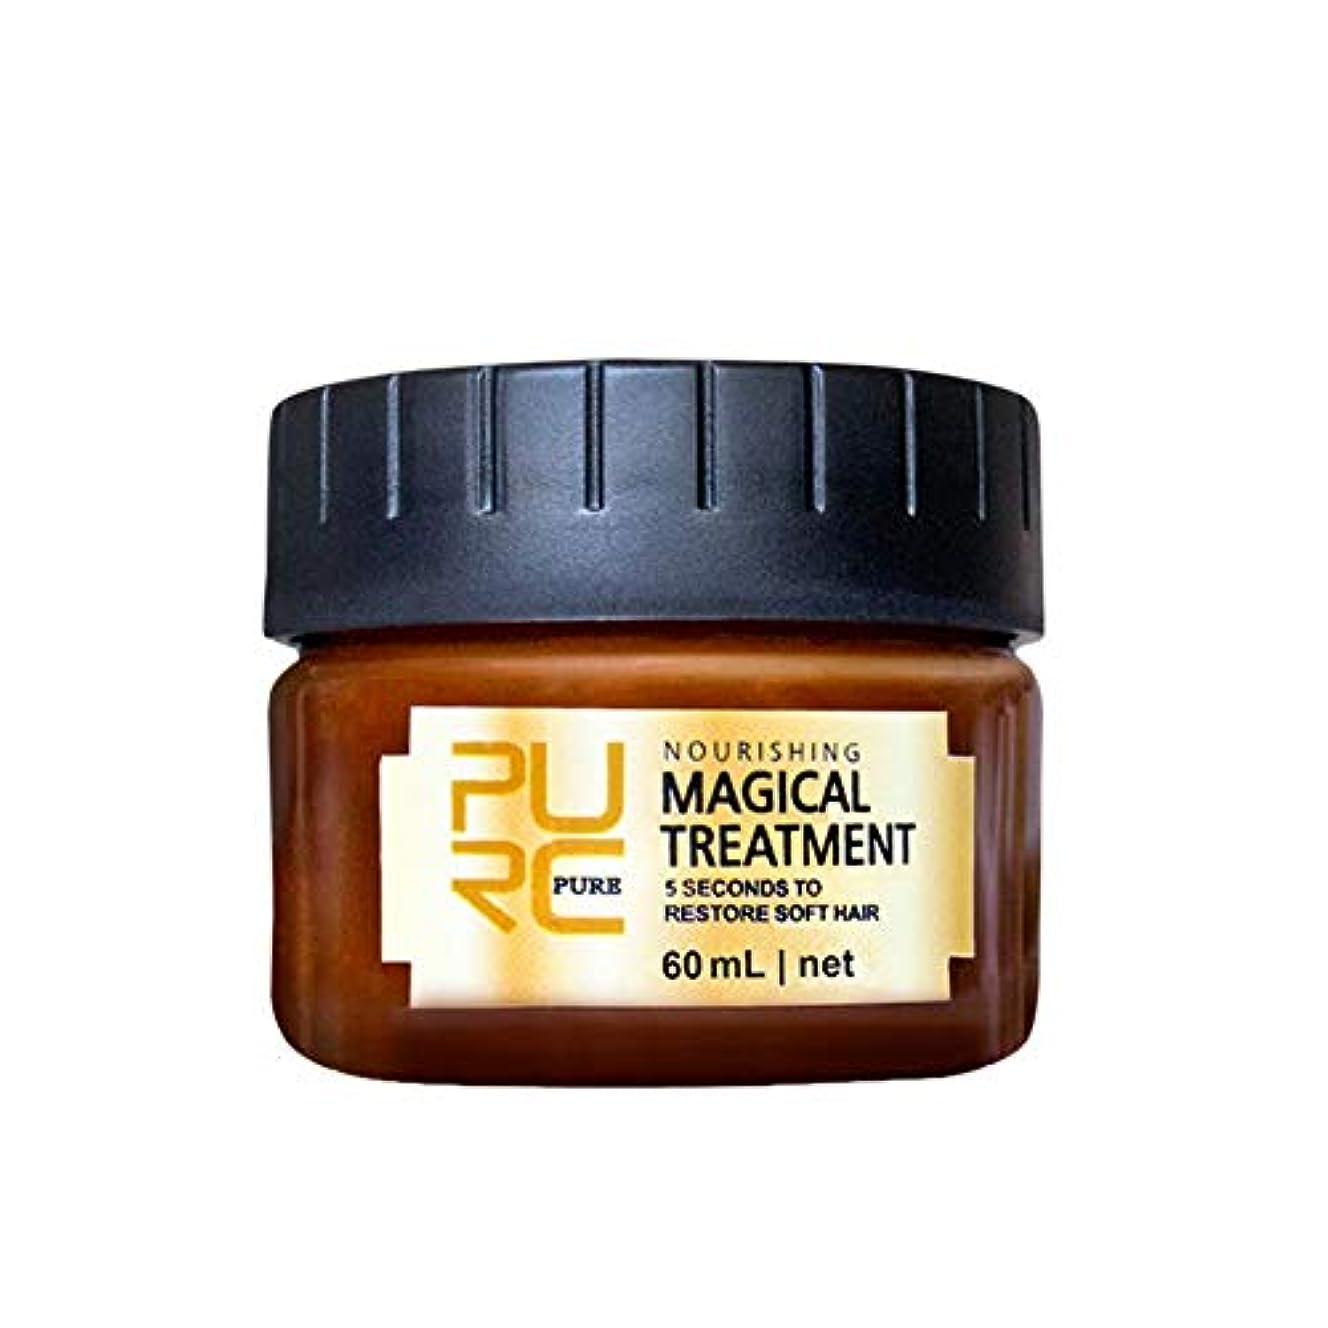 サッカー第三スーツヘアリペアマスク栄養障害のある髪と頭皮の栄養スムージングヘアコンディショナープロフェッショナルヘアディープコンディショナーの改善髪の保湿60ml